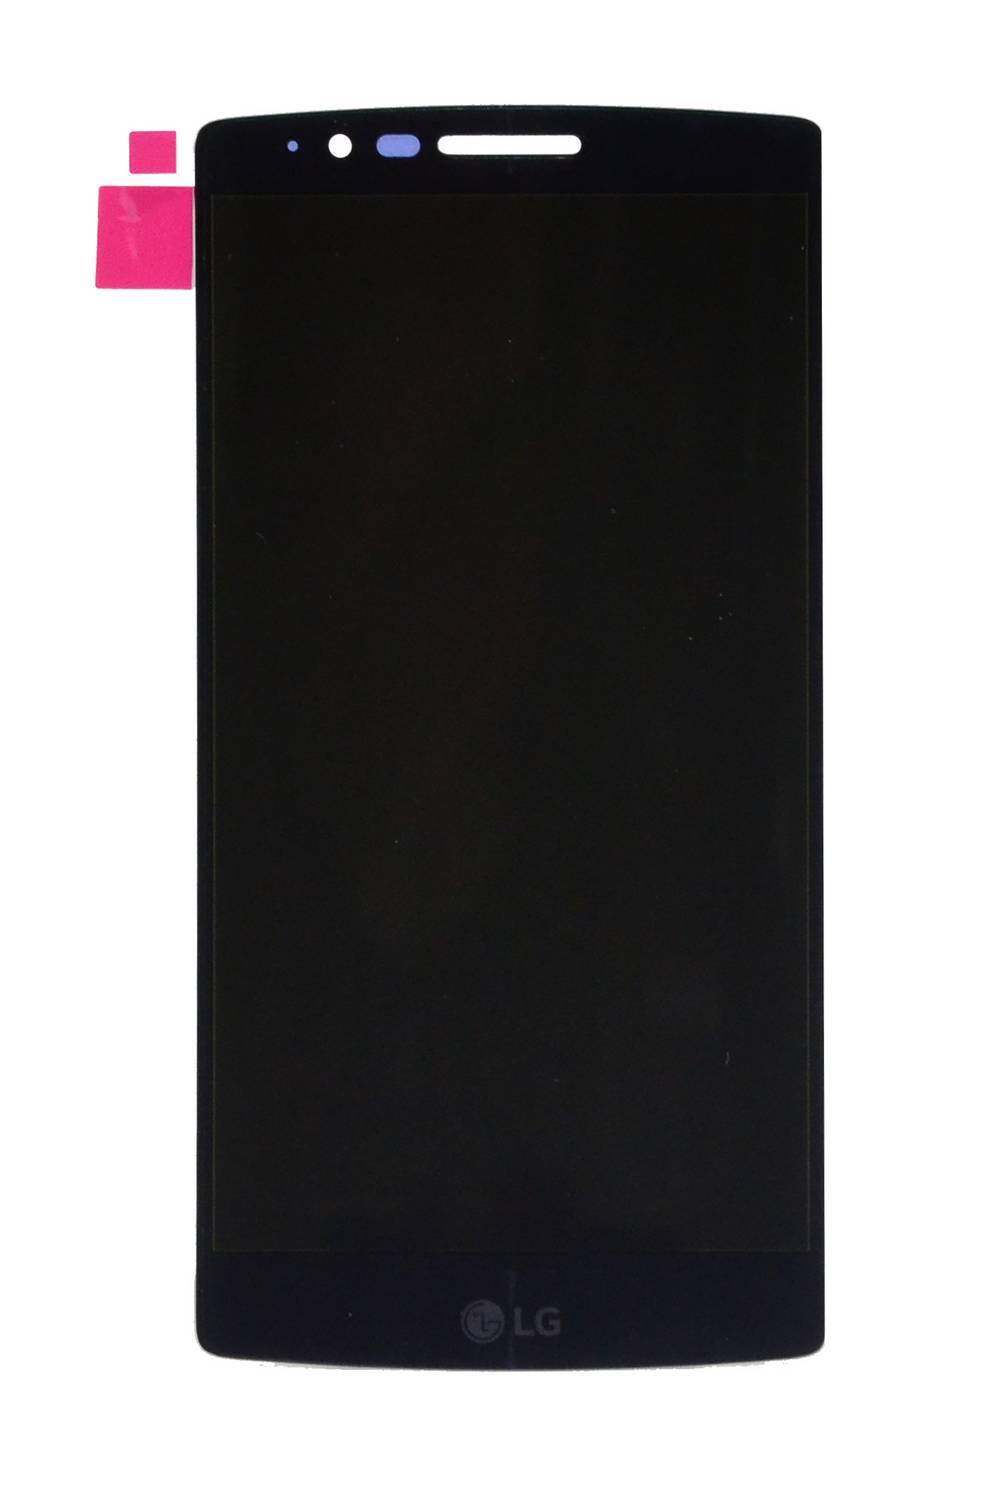 Γνήσια Οθόνη & Μηχανισμός Αφής LG G Flex 2 H955 Hybrid χωρίς Κόλλα EAT62593401